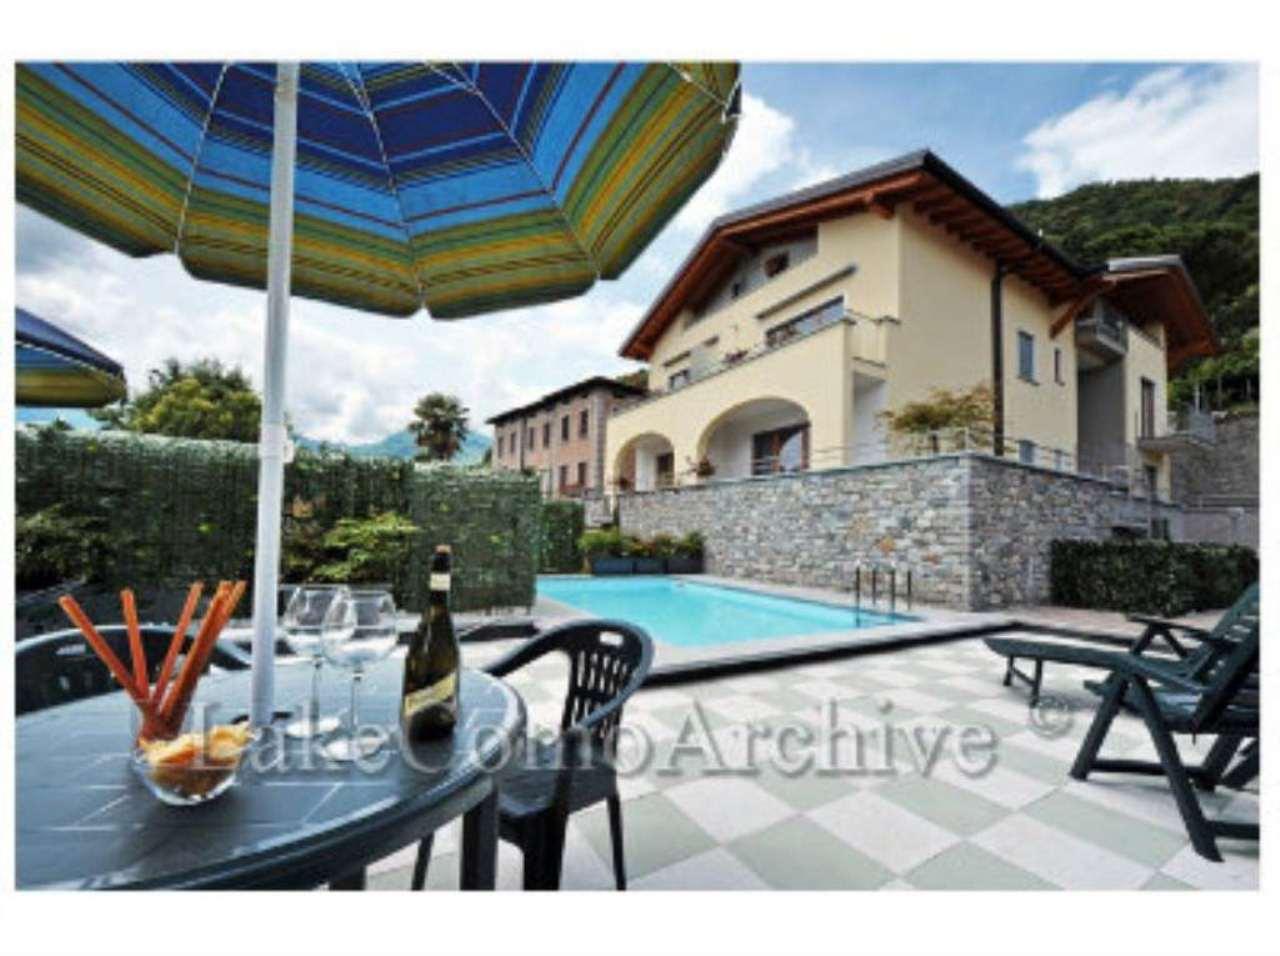 Appartamento in vendita Rif. 4857630